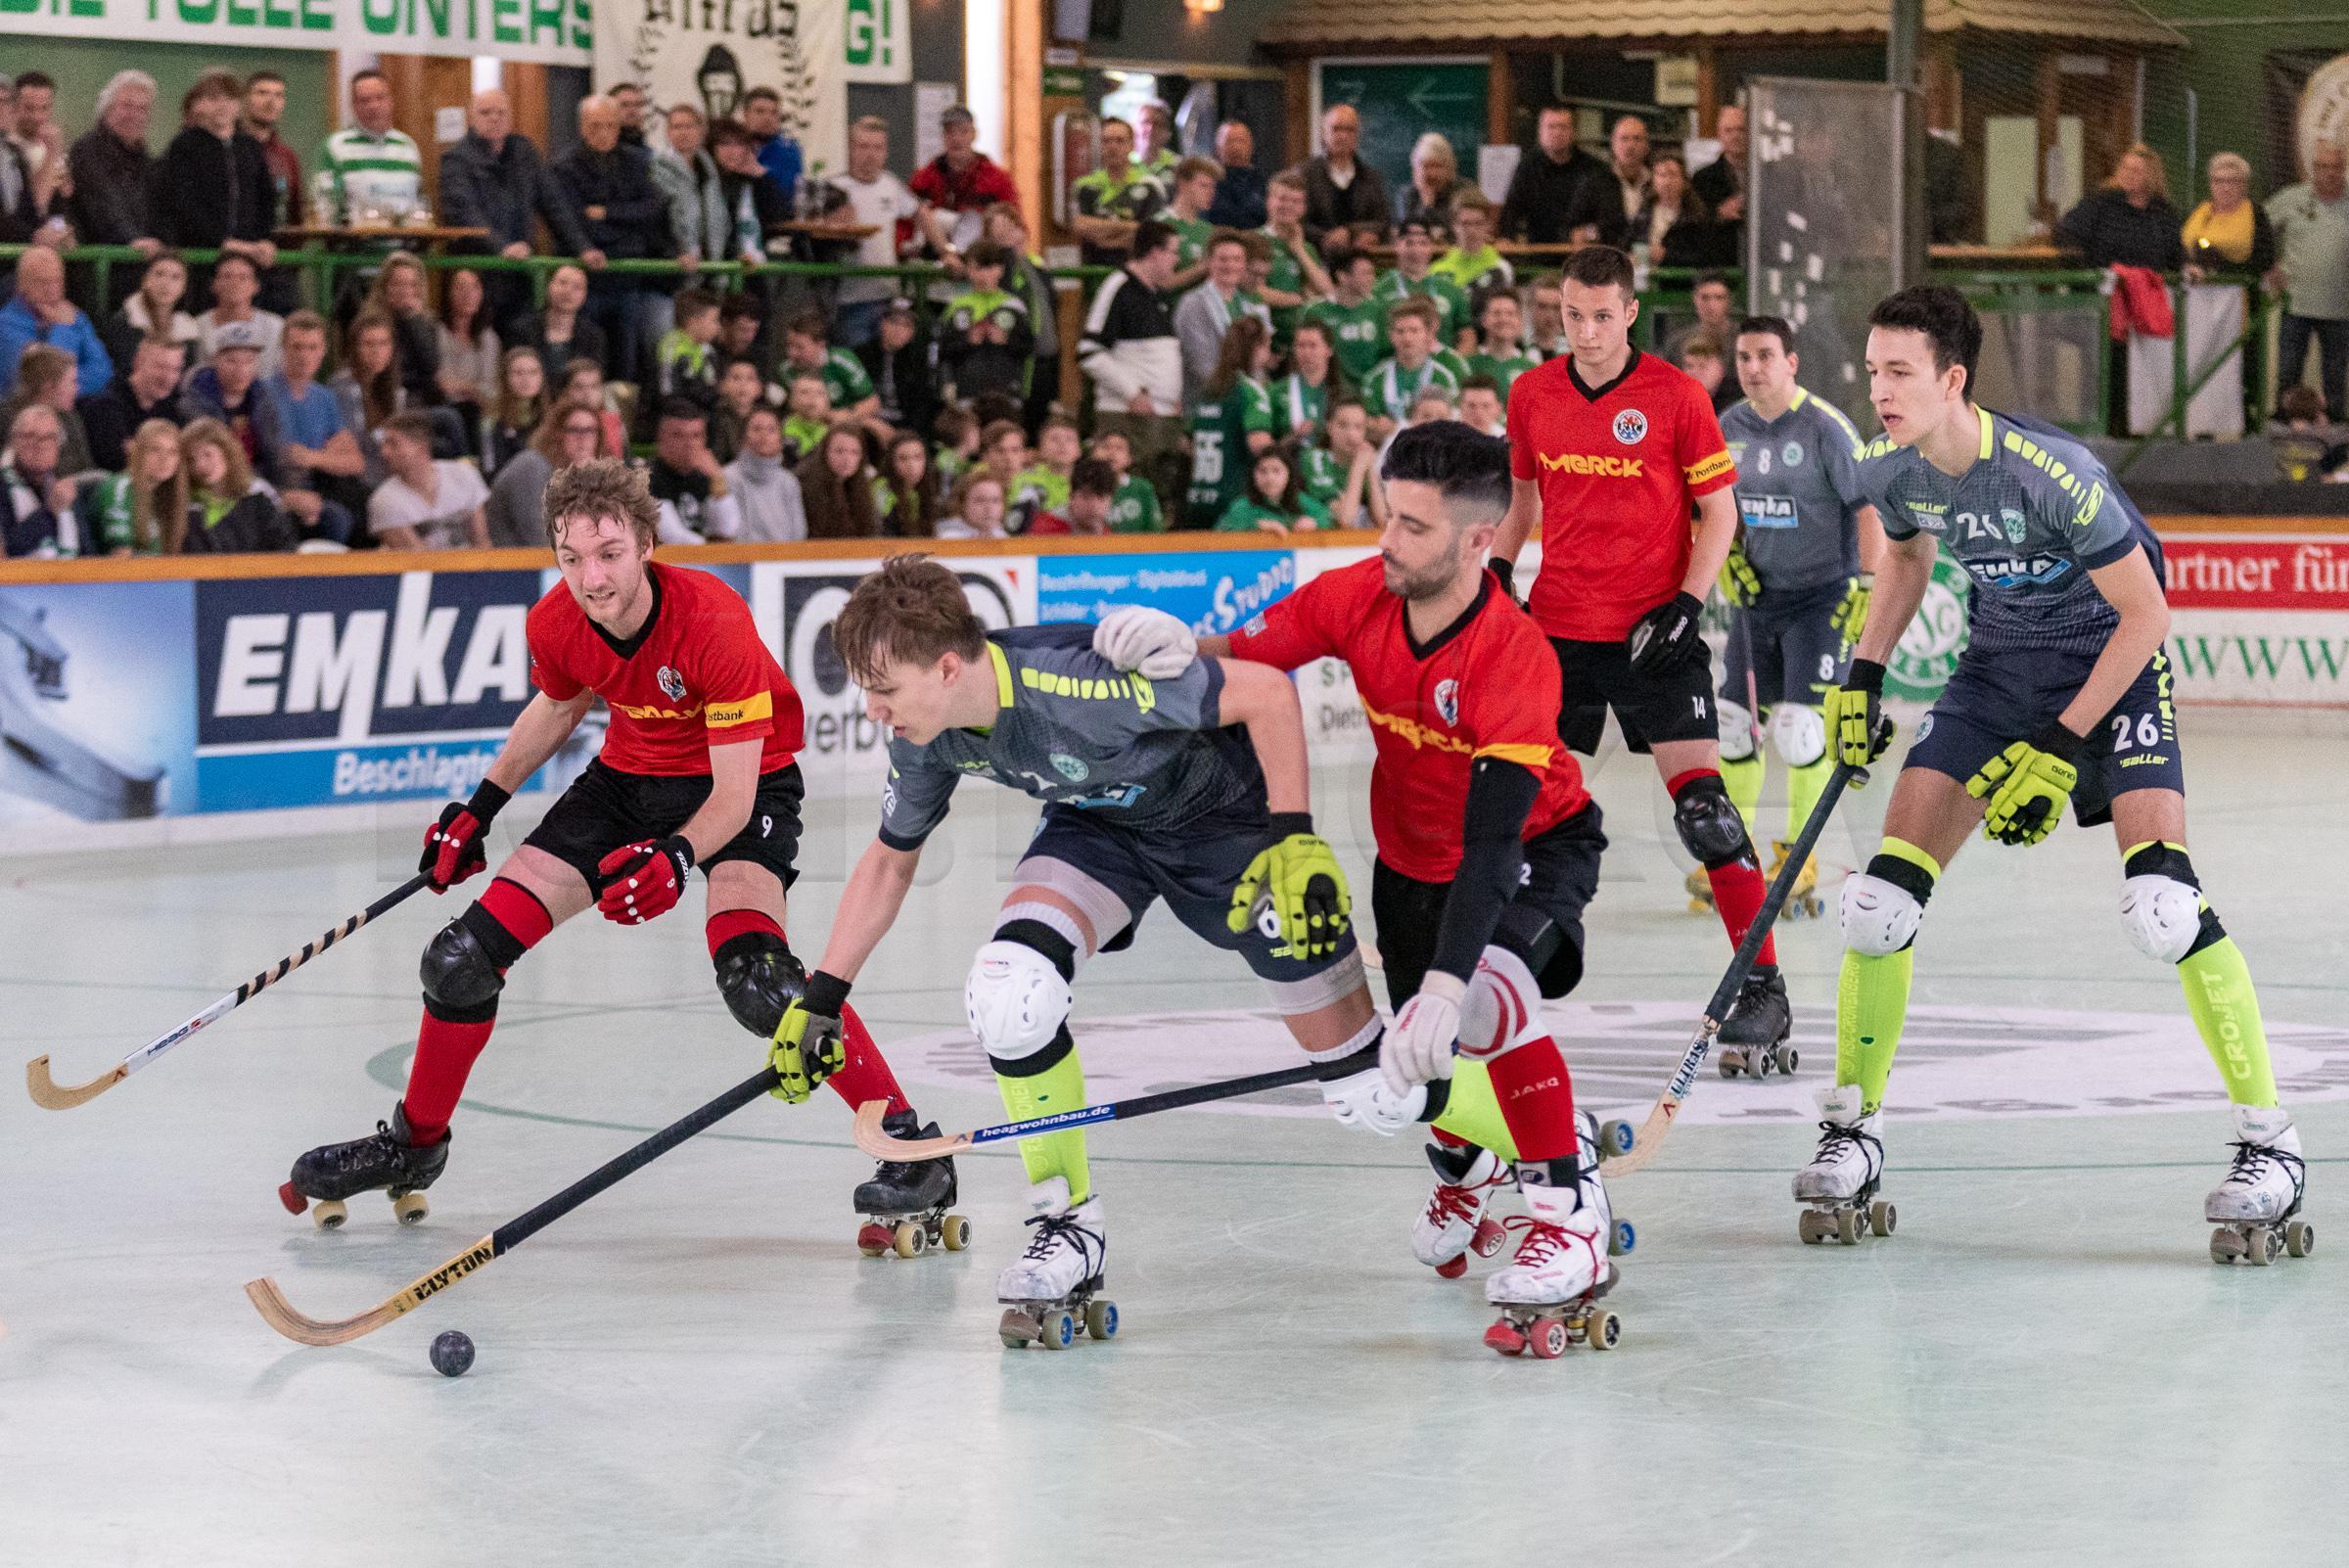 RSC Cronenberg Rollhockey Bundesliga Herren Play-Off-Viertelfinale 14.04.2019